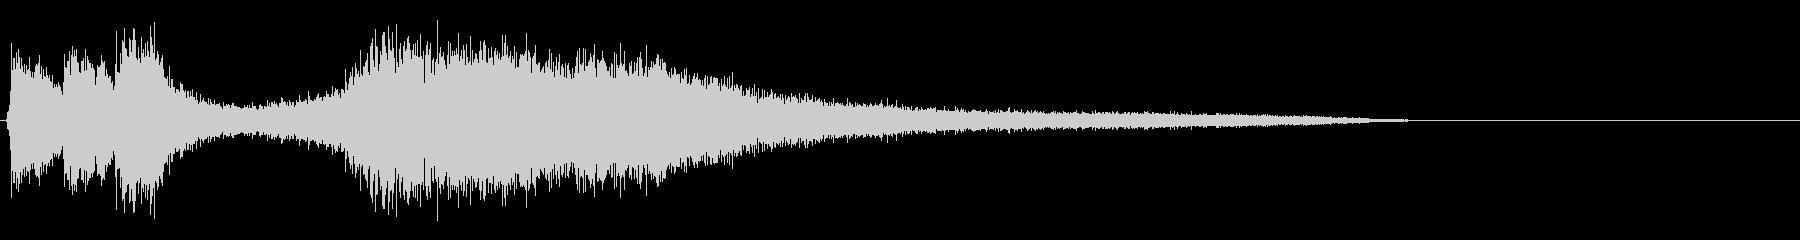 オーケストラエンディング+歓声の未再生の波形